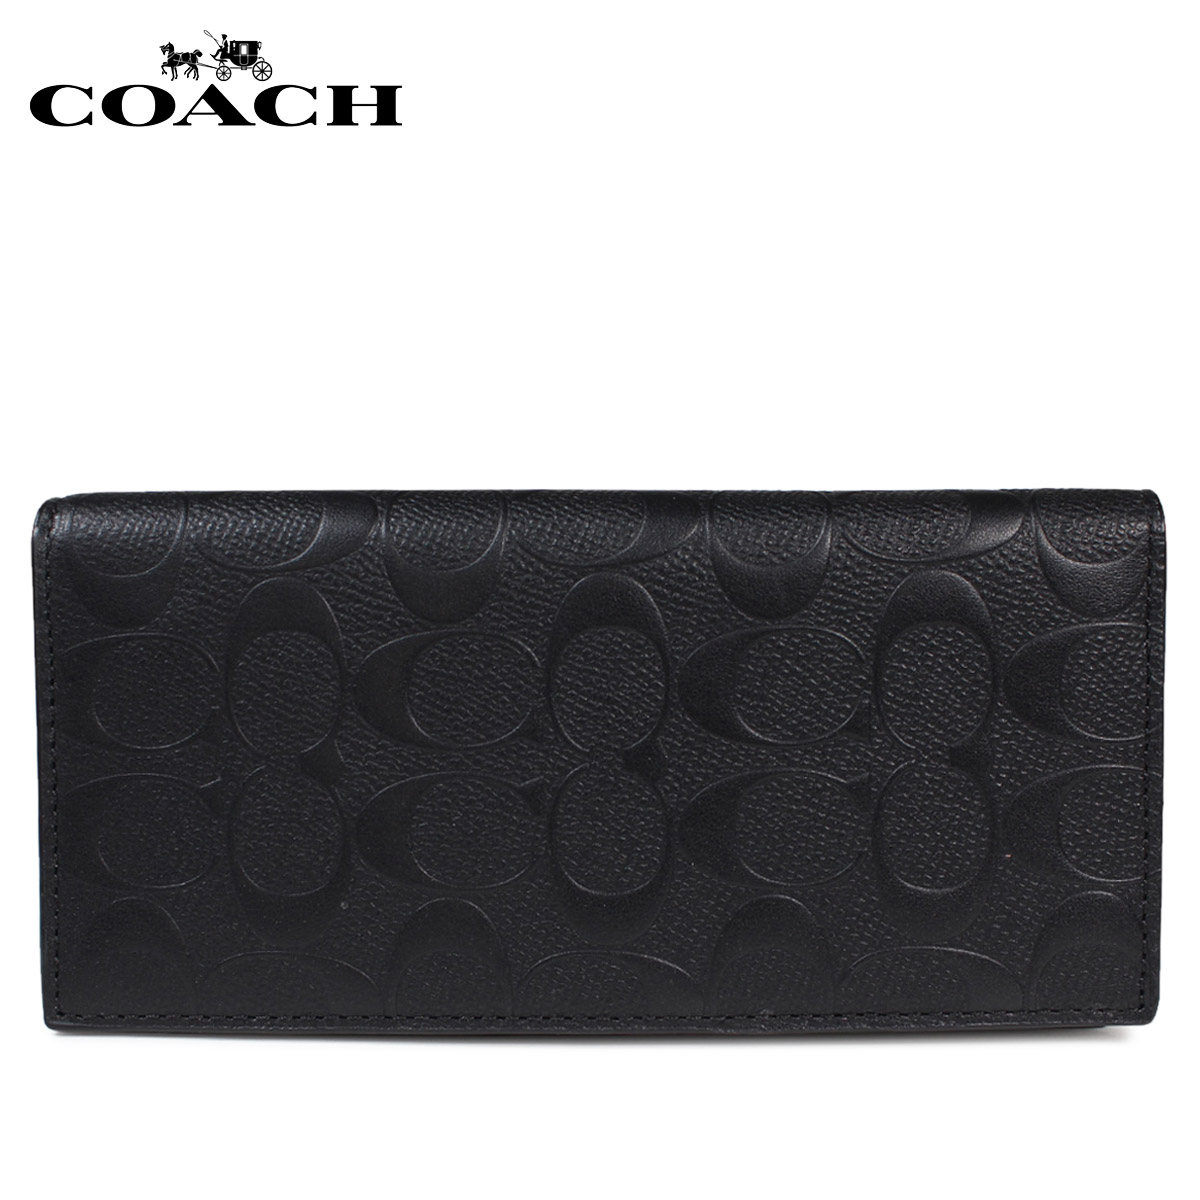 2a46845bad29 COACH コーチ『COACH』とは馬車という意味...コーチ は1941年アメリカにて誕生したブランドで、マイルス?カーン、リリアン?カーン夫妻らが創設者である。